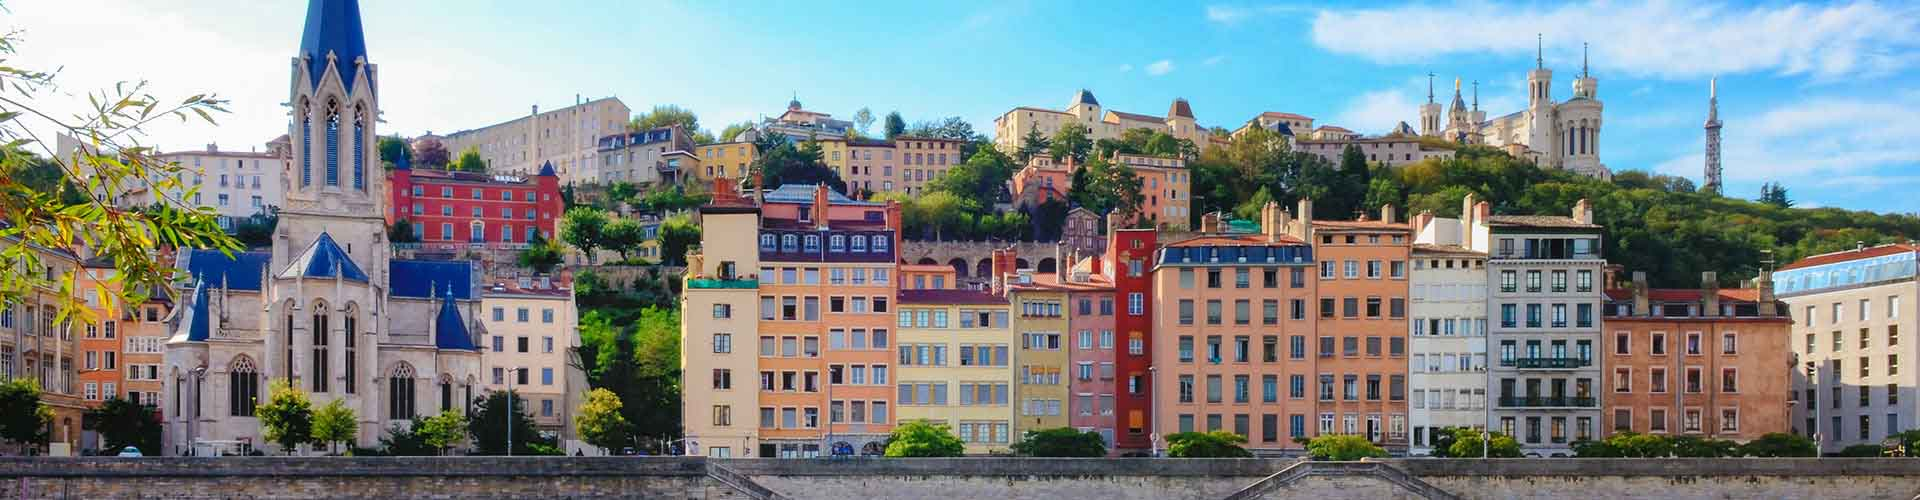 Lyon - Jugendherbergen in Lyon. Lyon auf der Karte. Fotos und Bewertungen für jede Jugendherberge in Lyon.